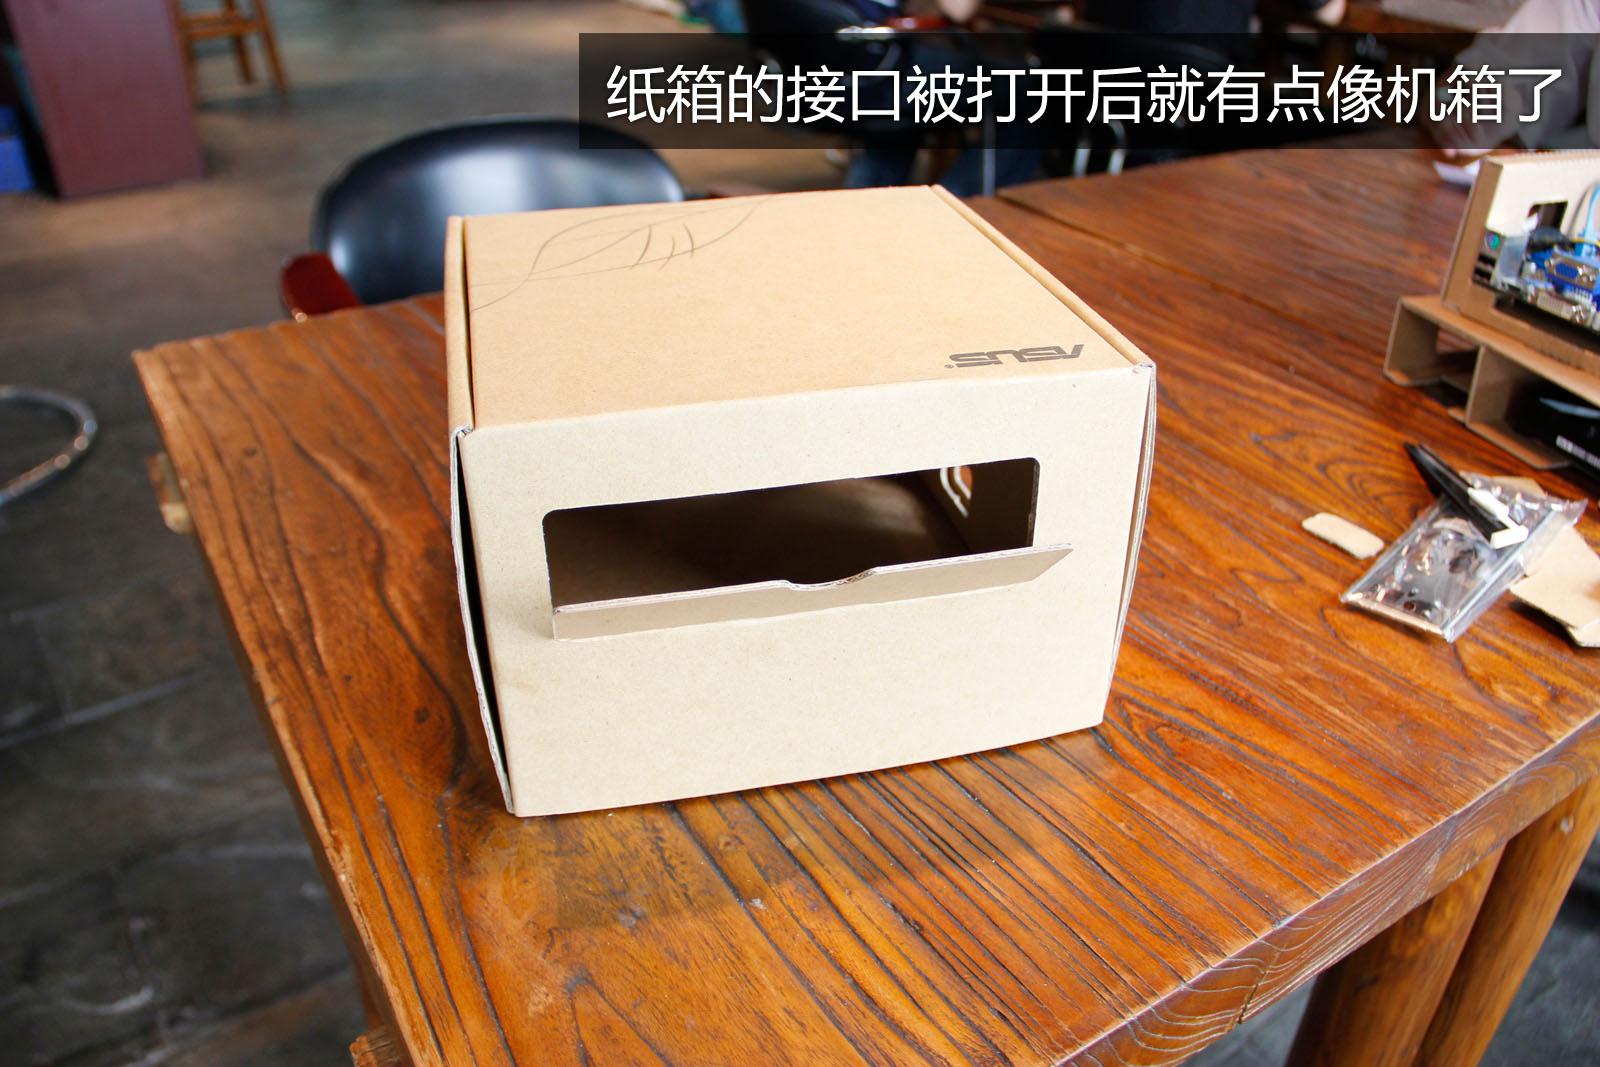 如何diy纸盒制作小动物方法图解便可完成作品:纸箱或纸盒(约可放杂志